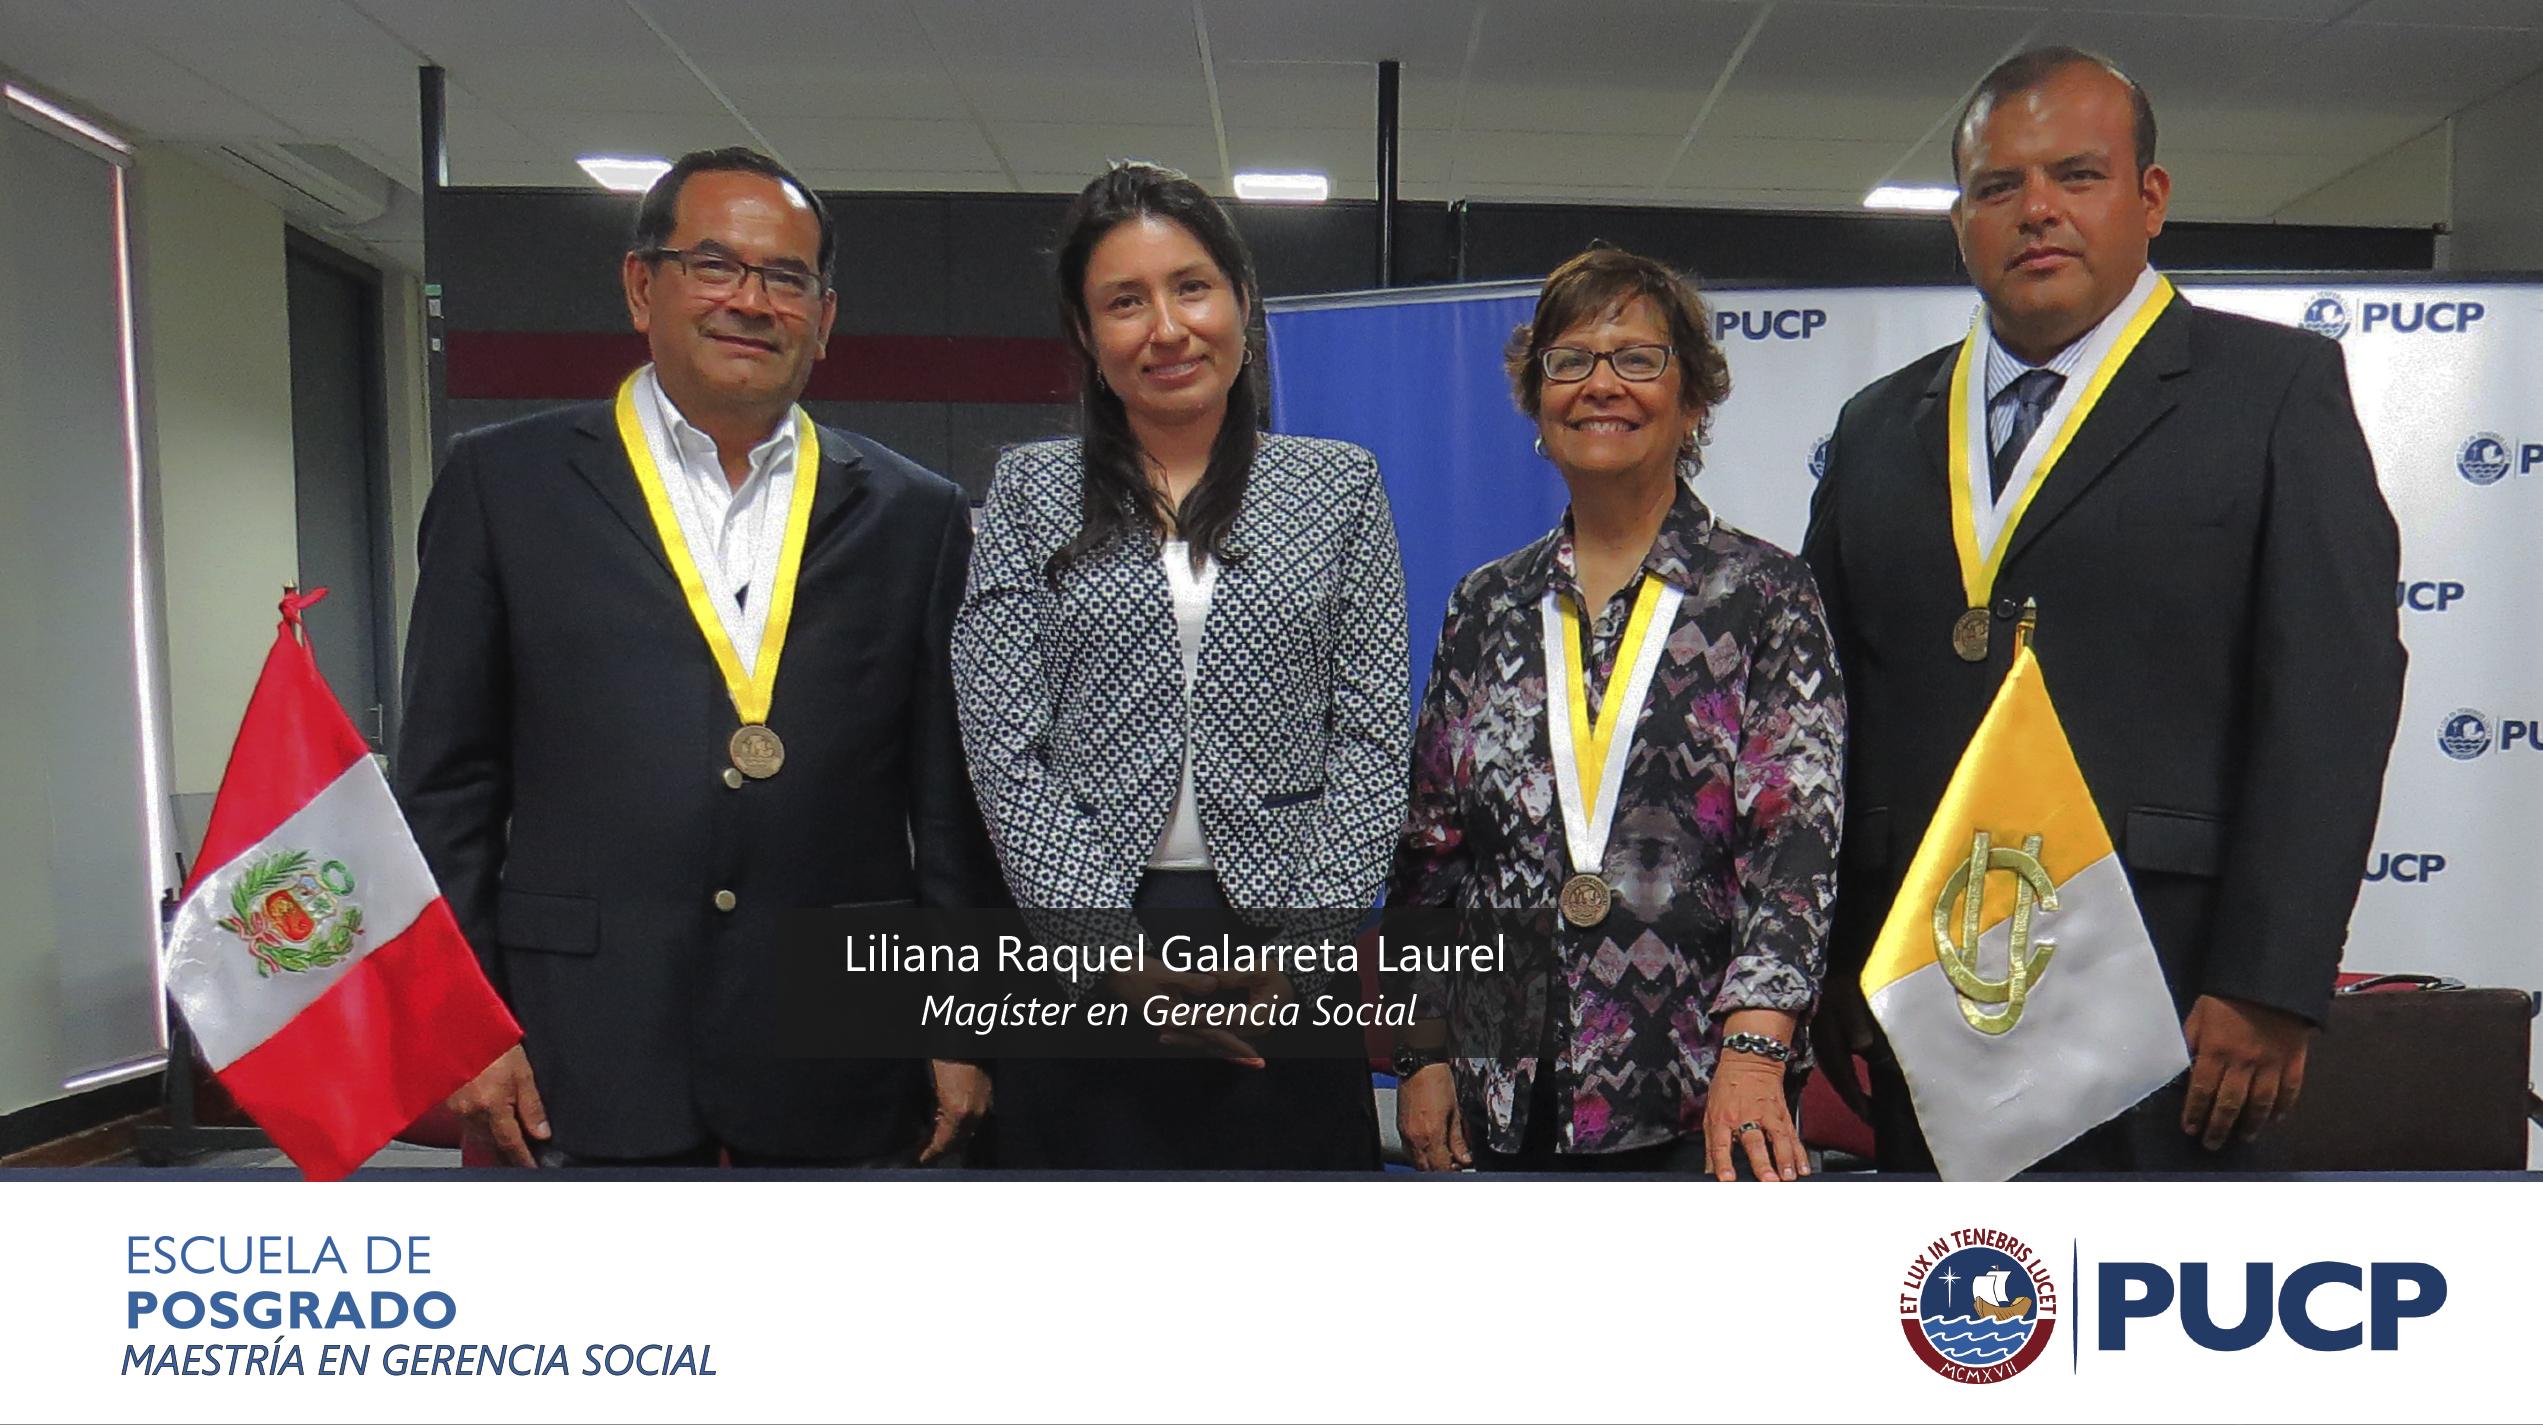 Sustentación de Liliana Raquel Galarreta Laurel